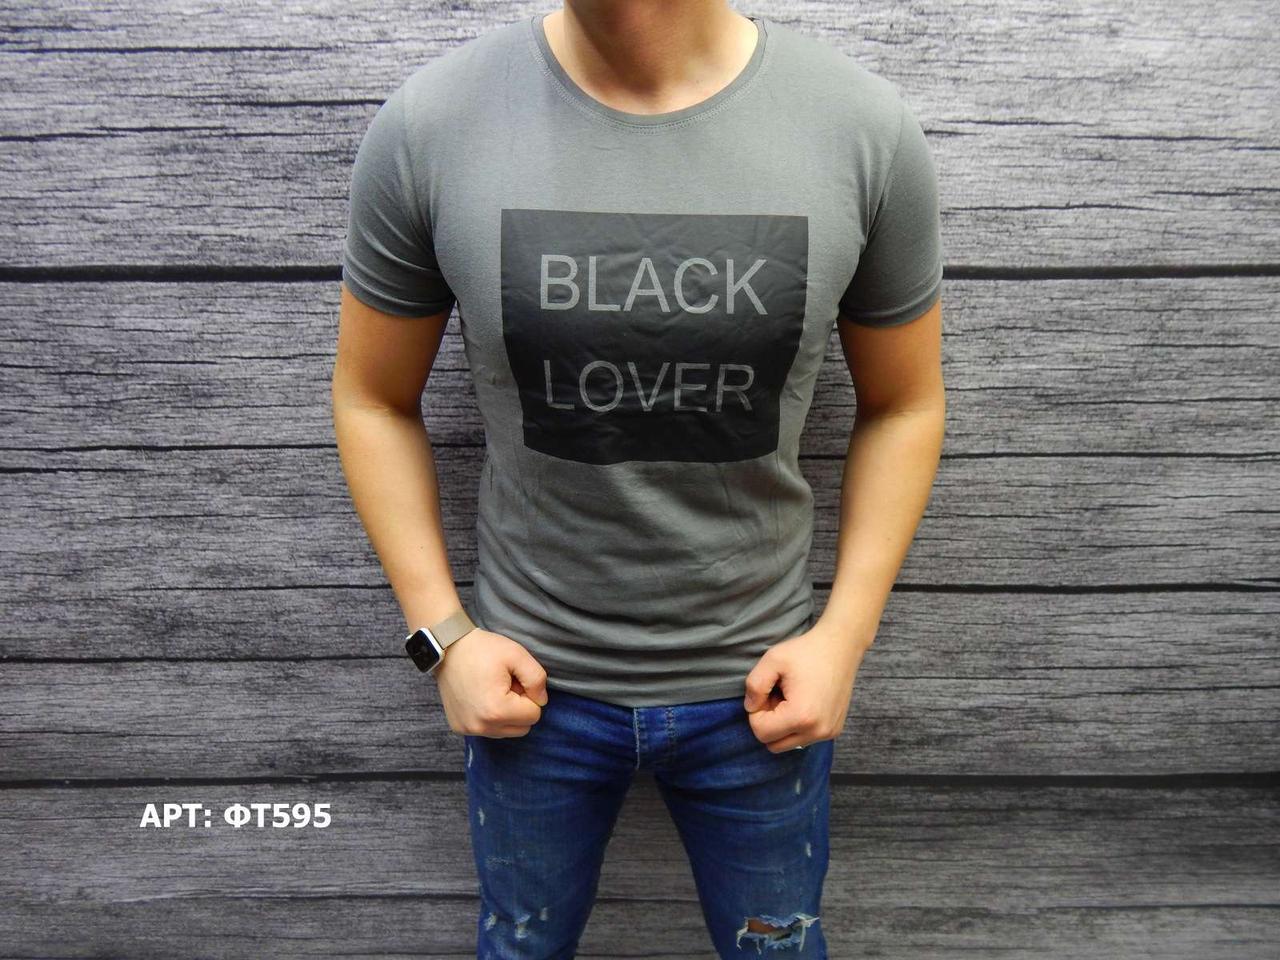 Чоловіча футболка. Розміри: М, L, XL, 2XL